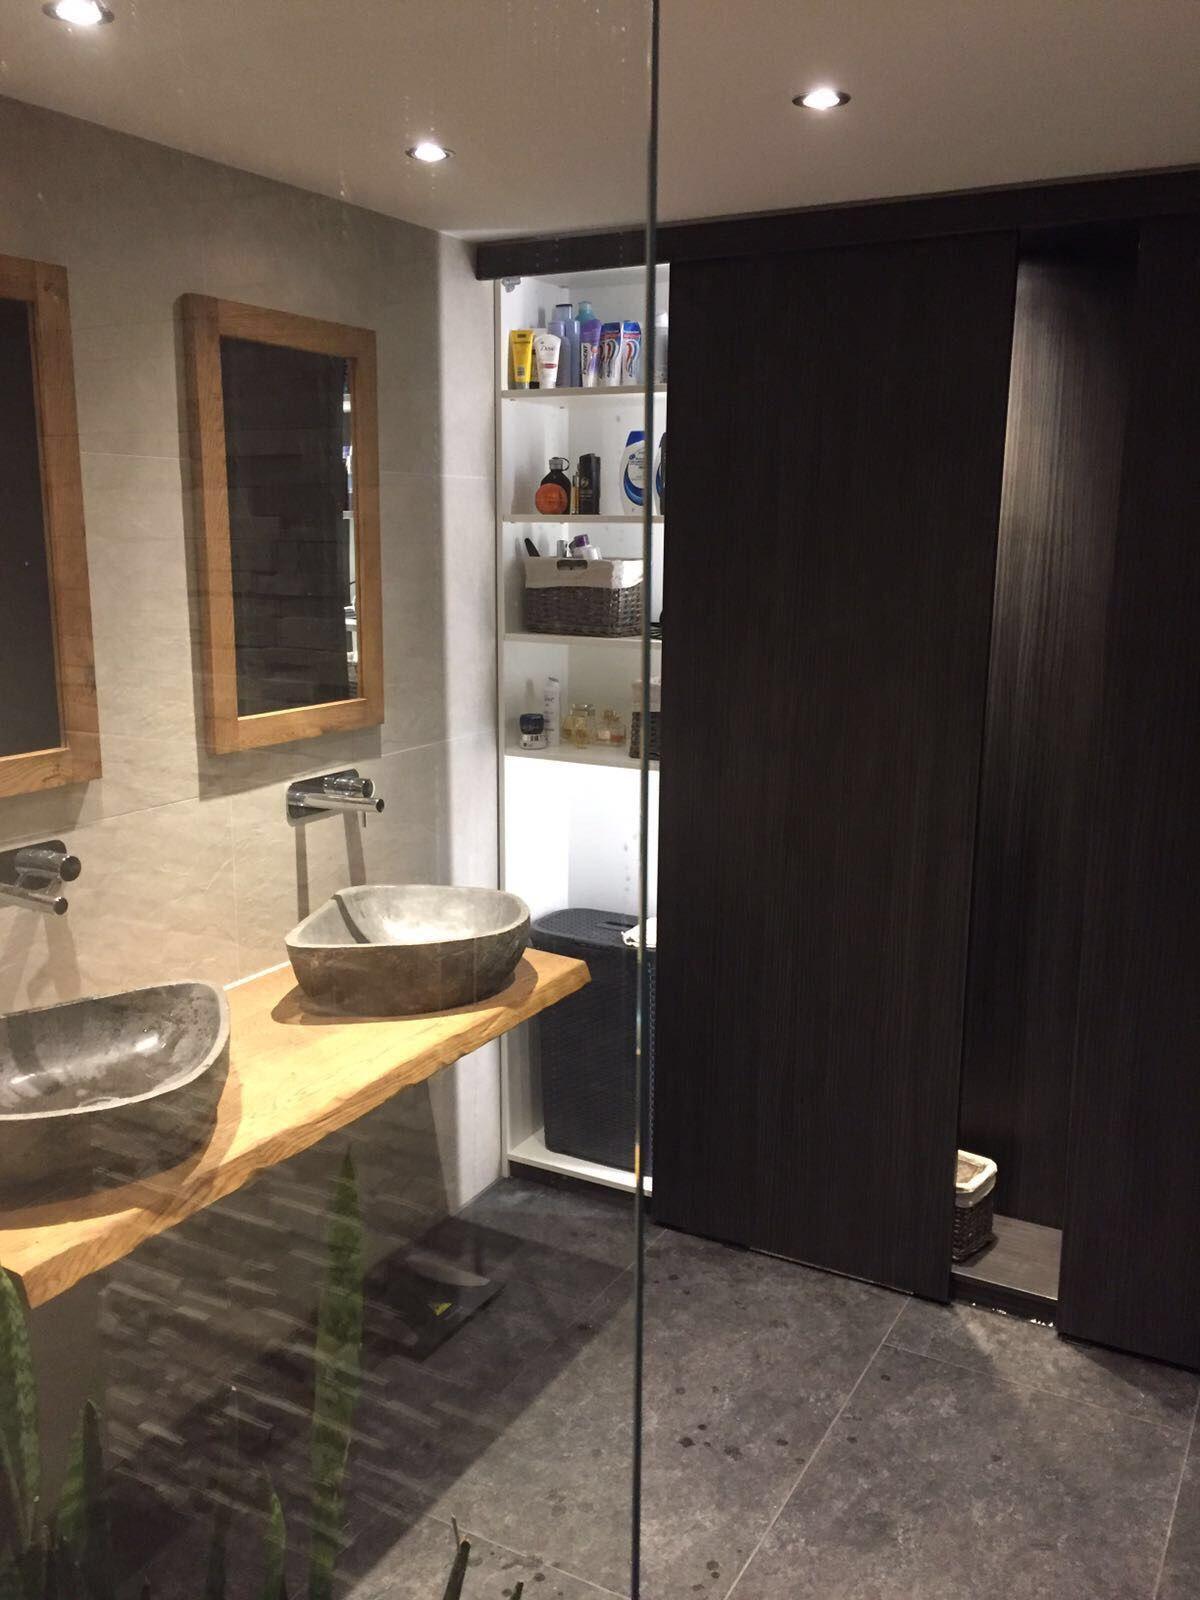 Inbouwkasten in de badkamer door Van Manen Badkamers te Barneveld ...